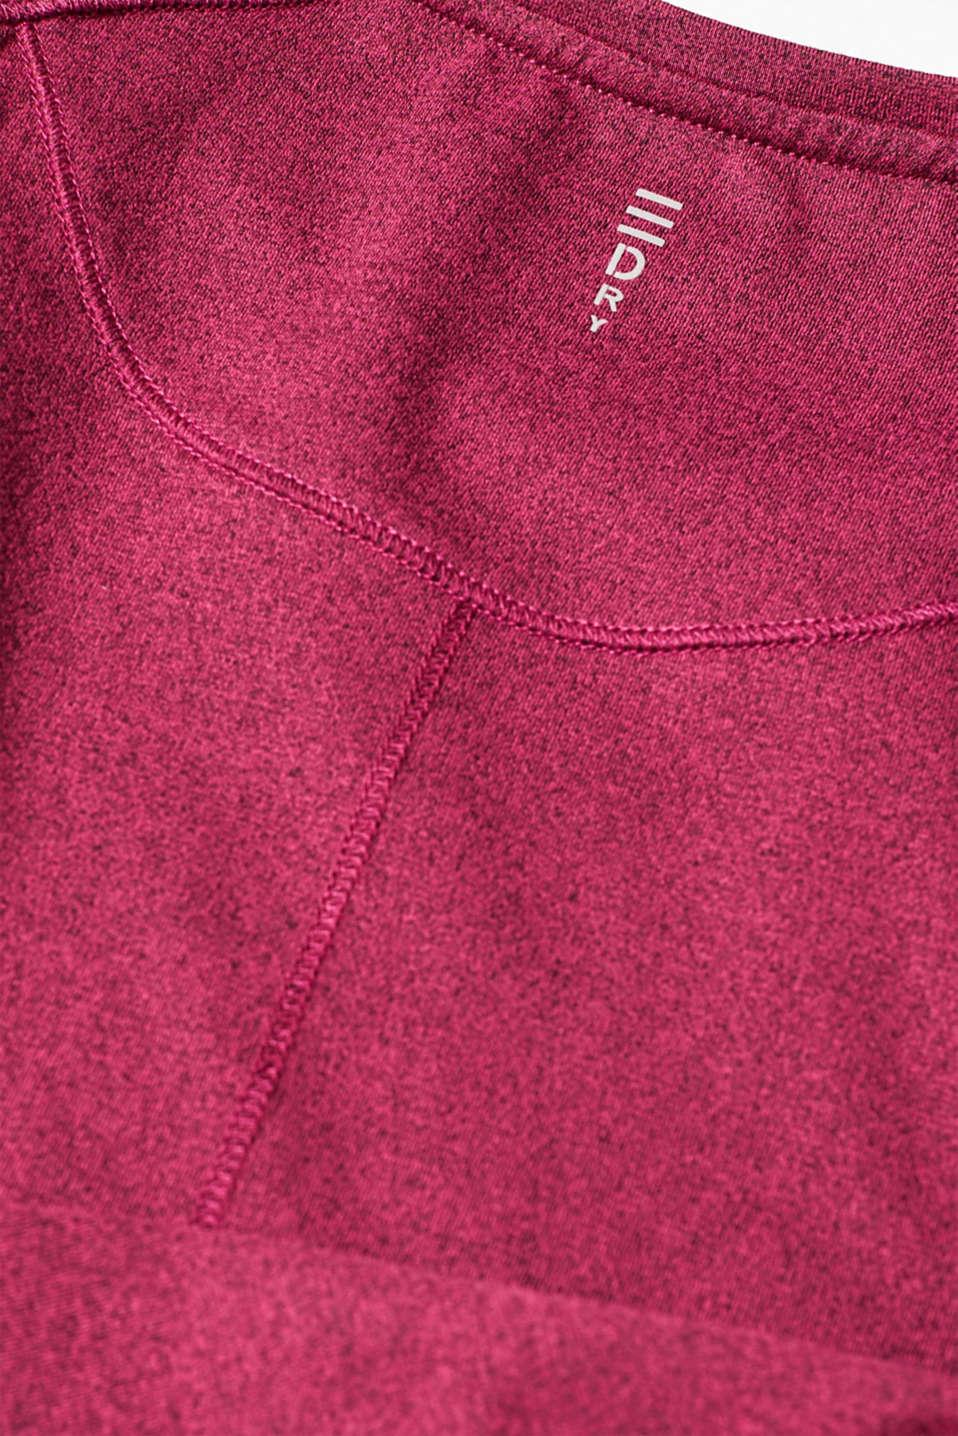 Melange active T-shirt, E-DRY, DARK PINK 2, detail image number 4